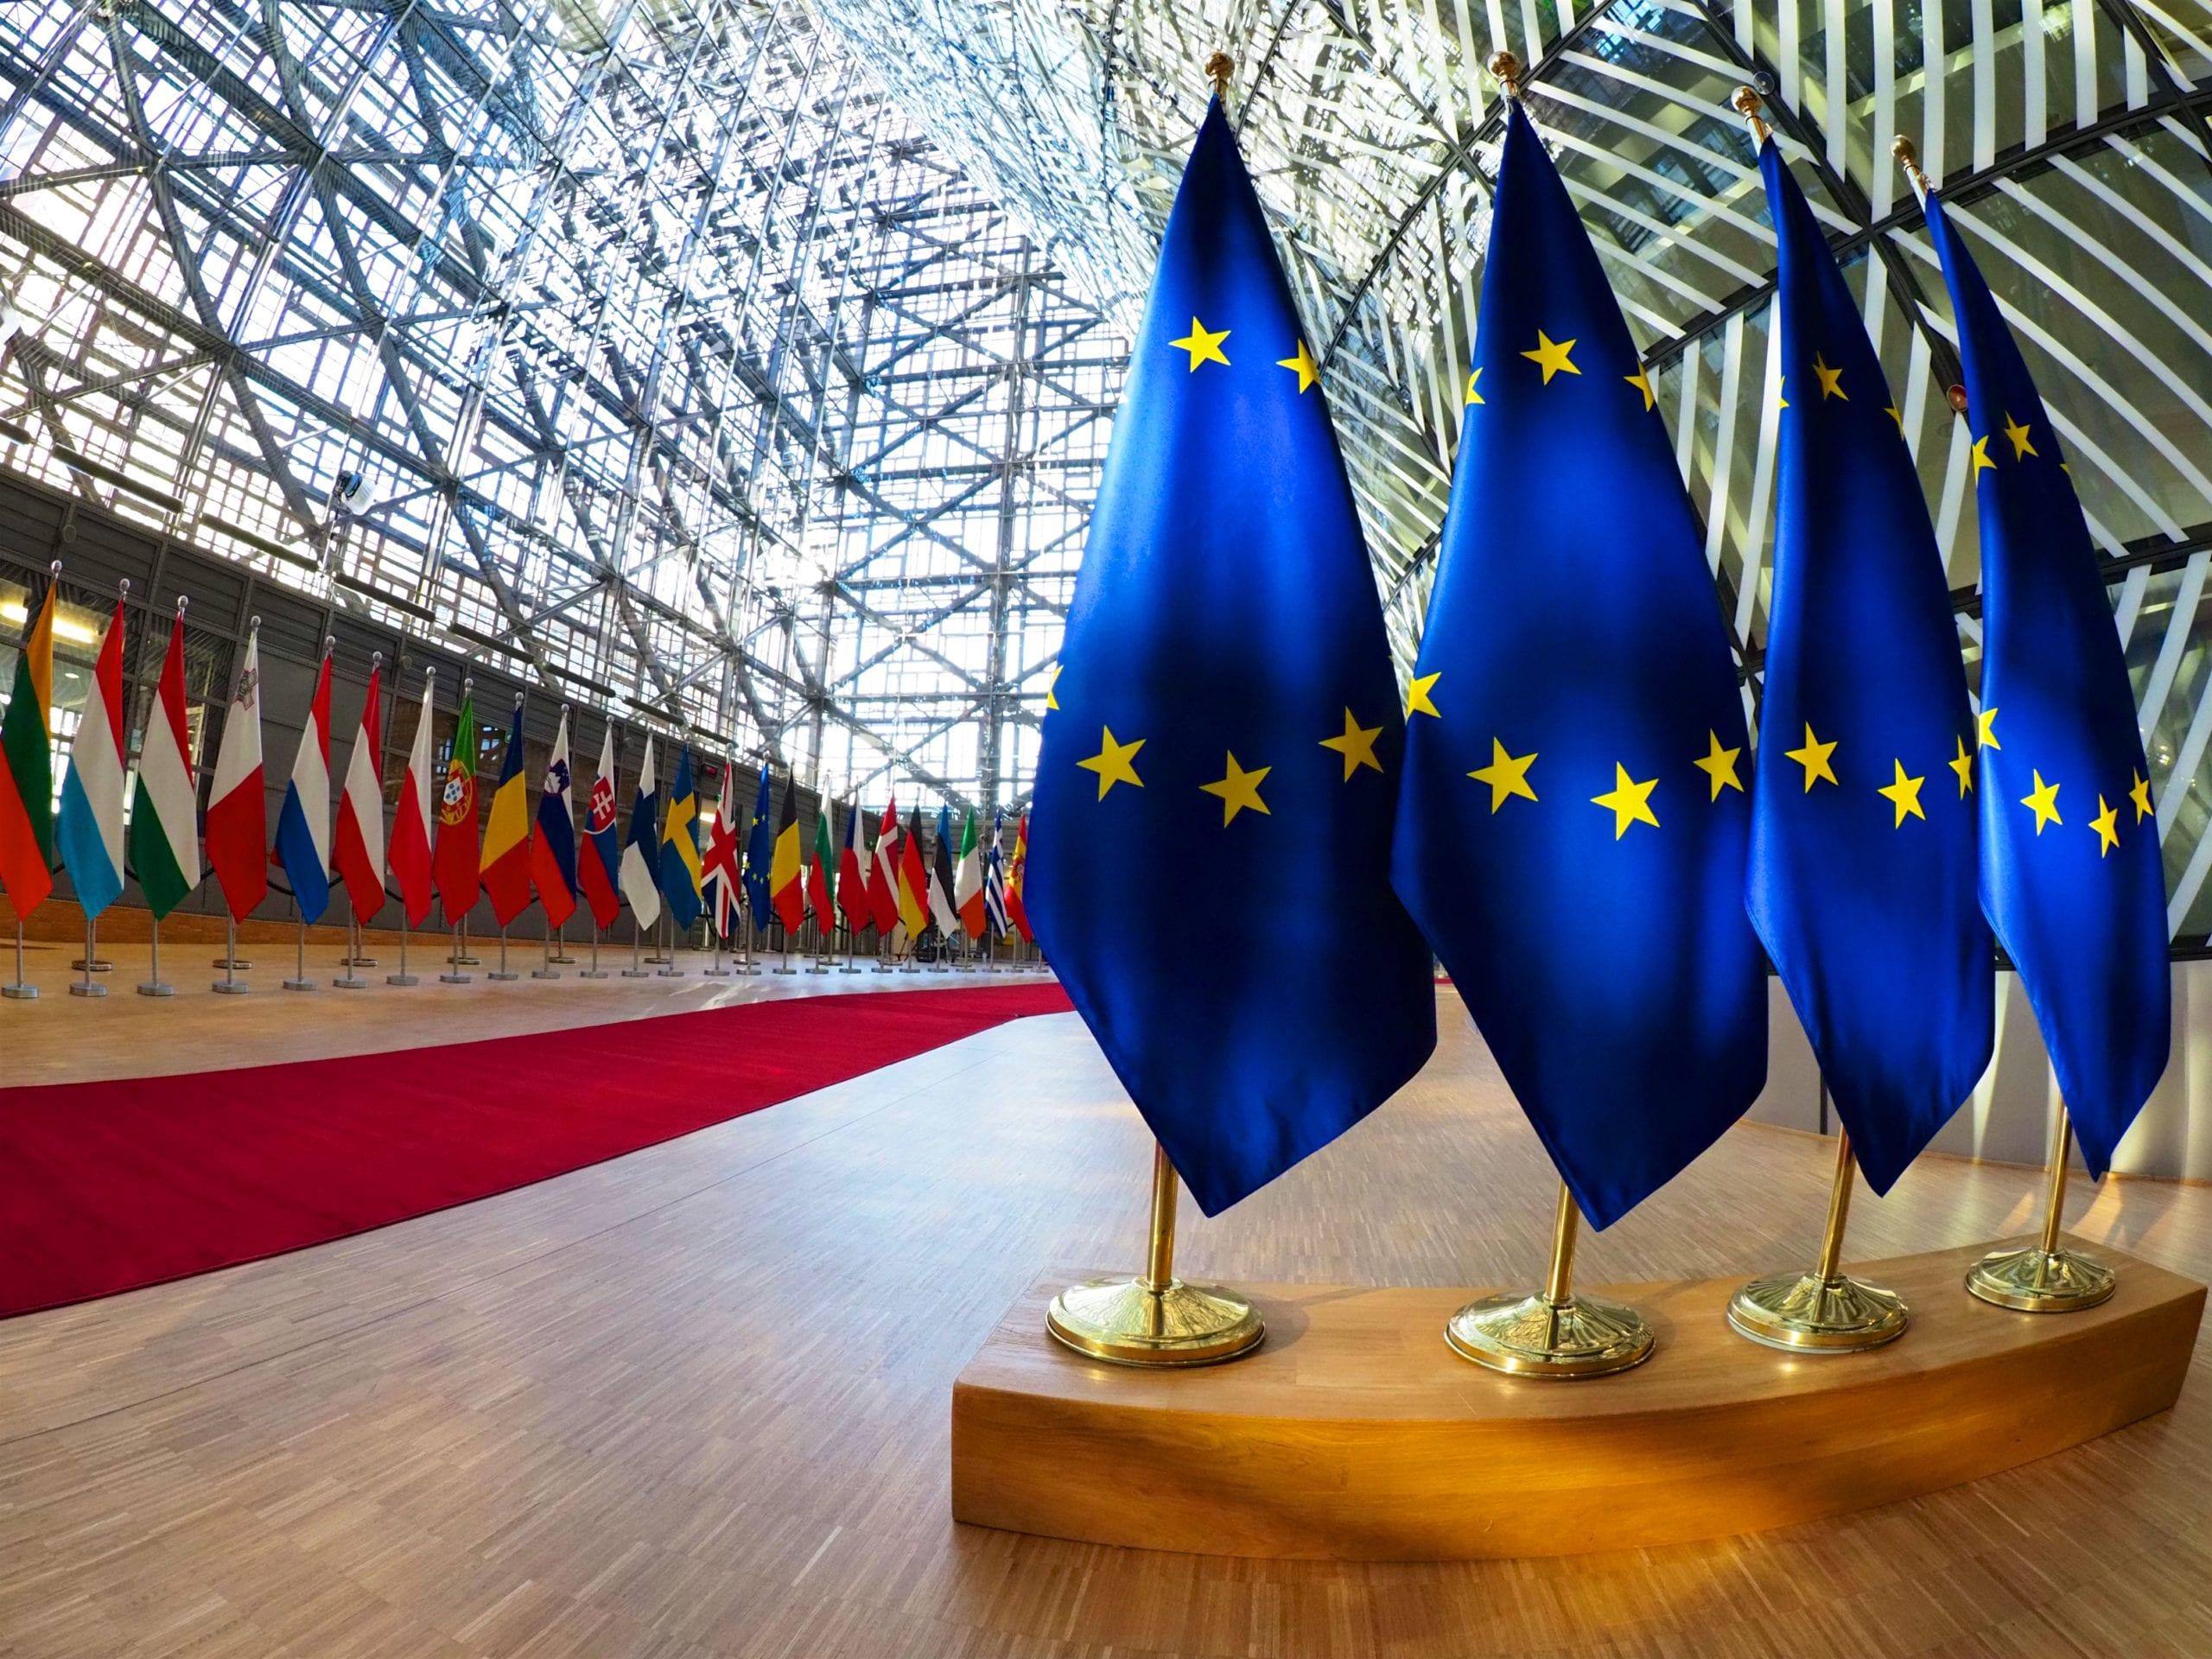 Ελληνοτουρκικά: Το τραπέζι του διαλόγου στρώνεται στις Βρυξέλλες - Η ευρωπαϊκή προοπτική της Τουρκίας περνάει μέσα από την επίλυση της διαφοράς με Ελλάδα ΕΕ: Κυρώσεις κατά Συρίας για επίθεση με χημικά το 2017